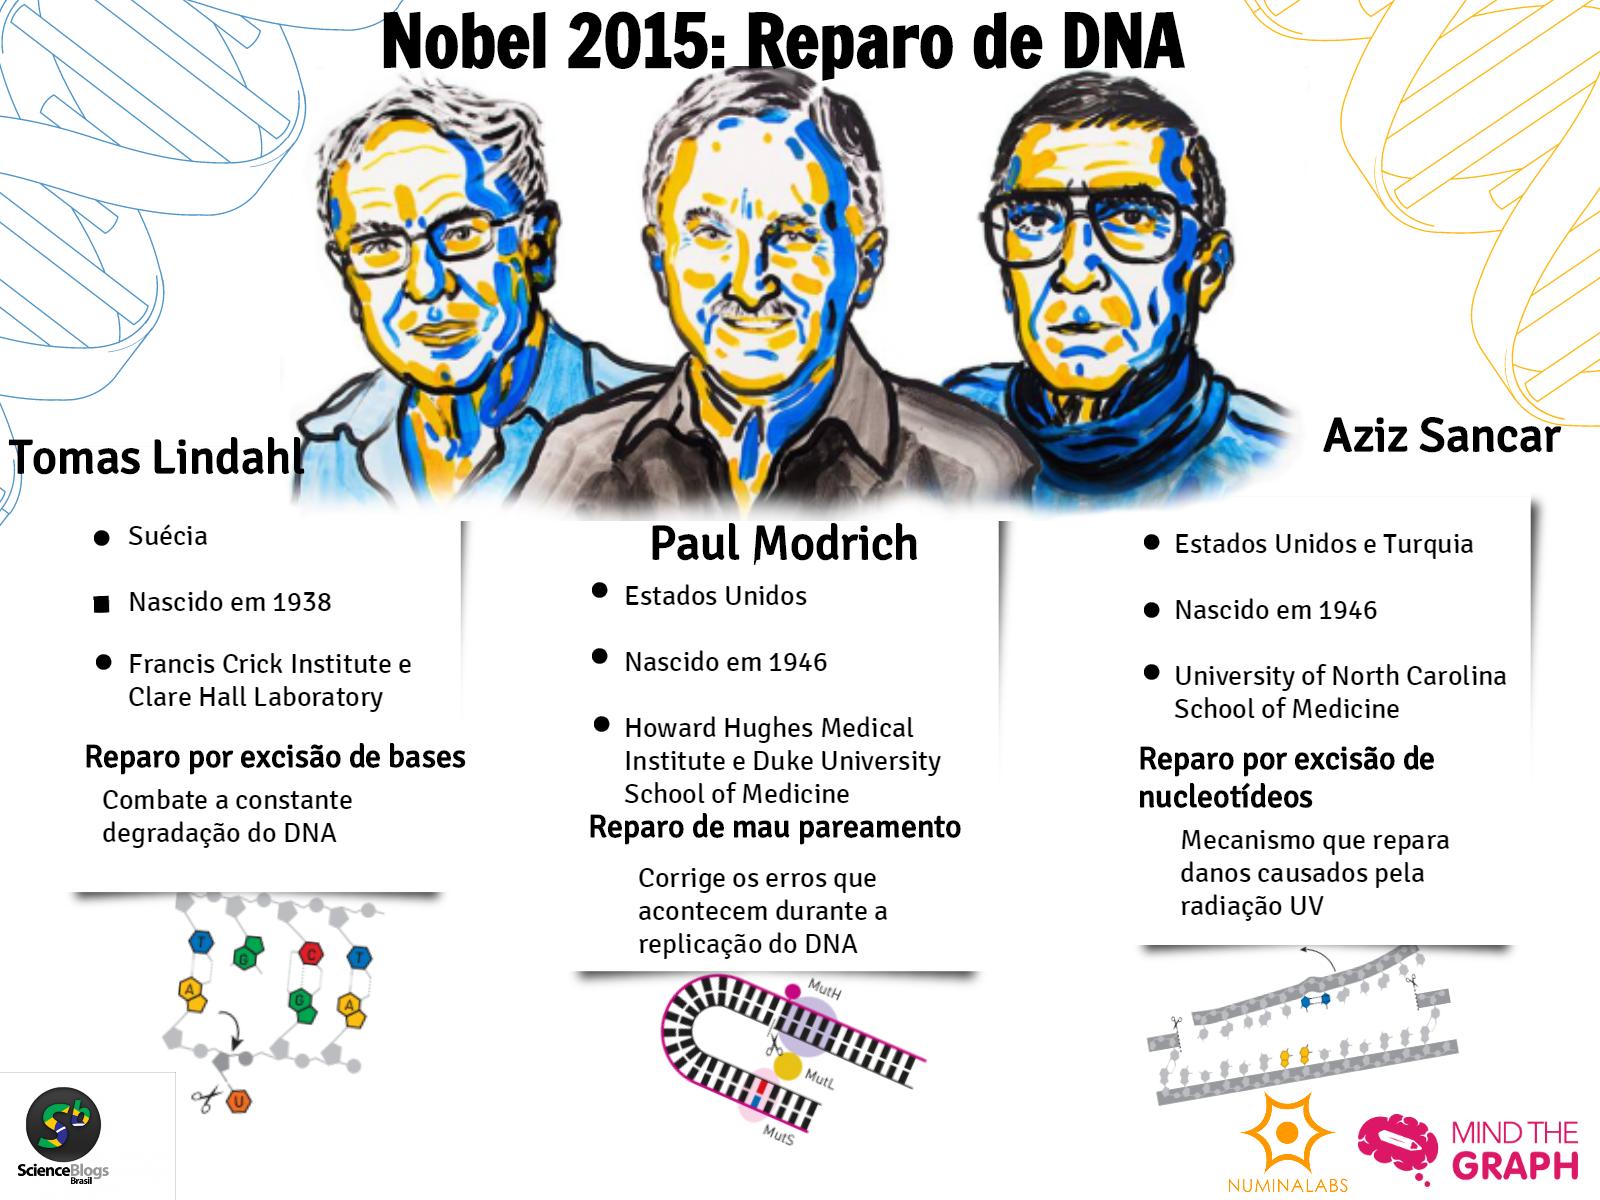 nobel-quimica-pt12911